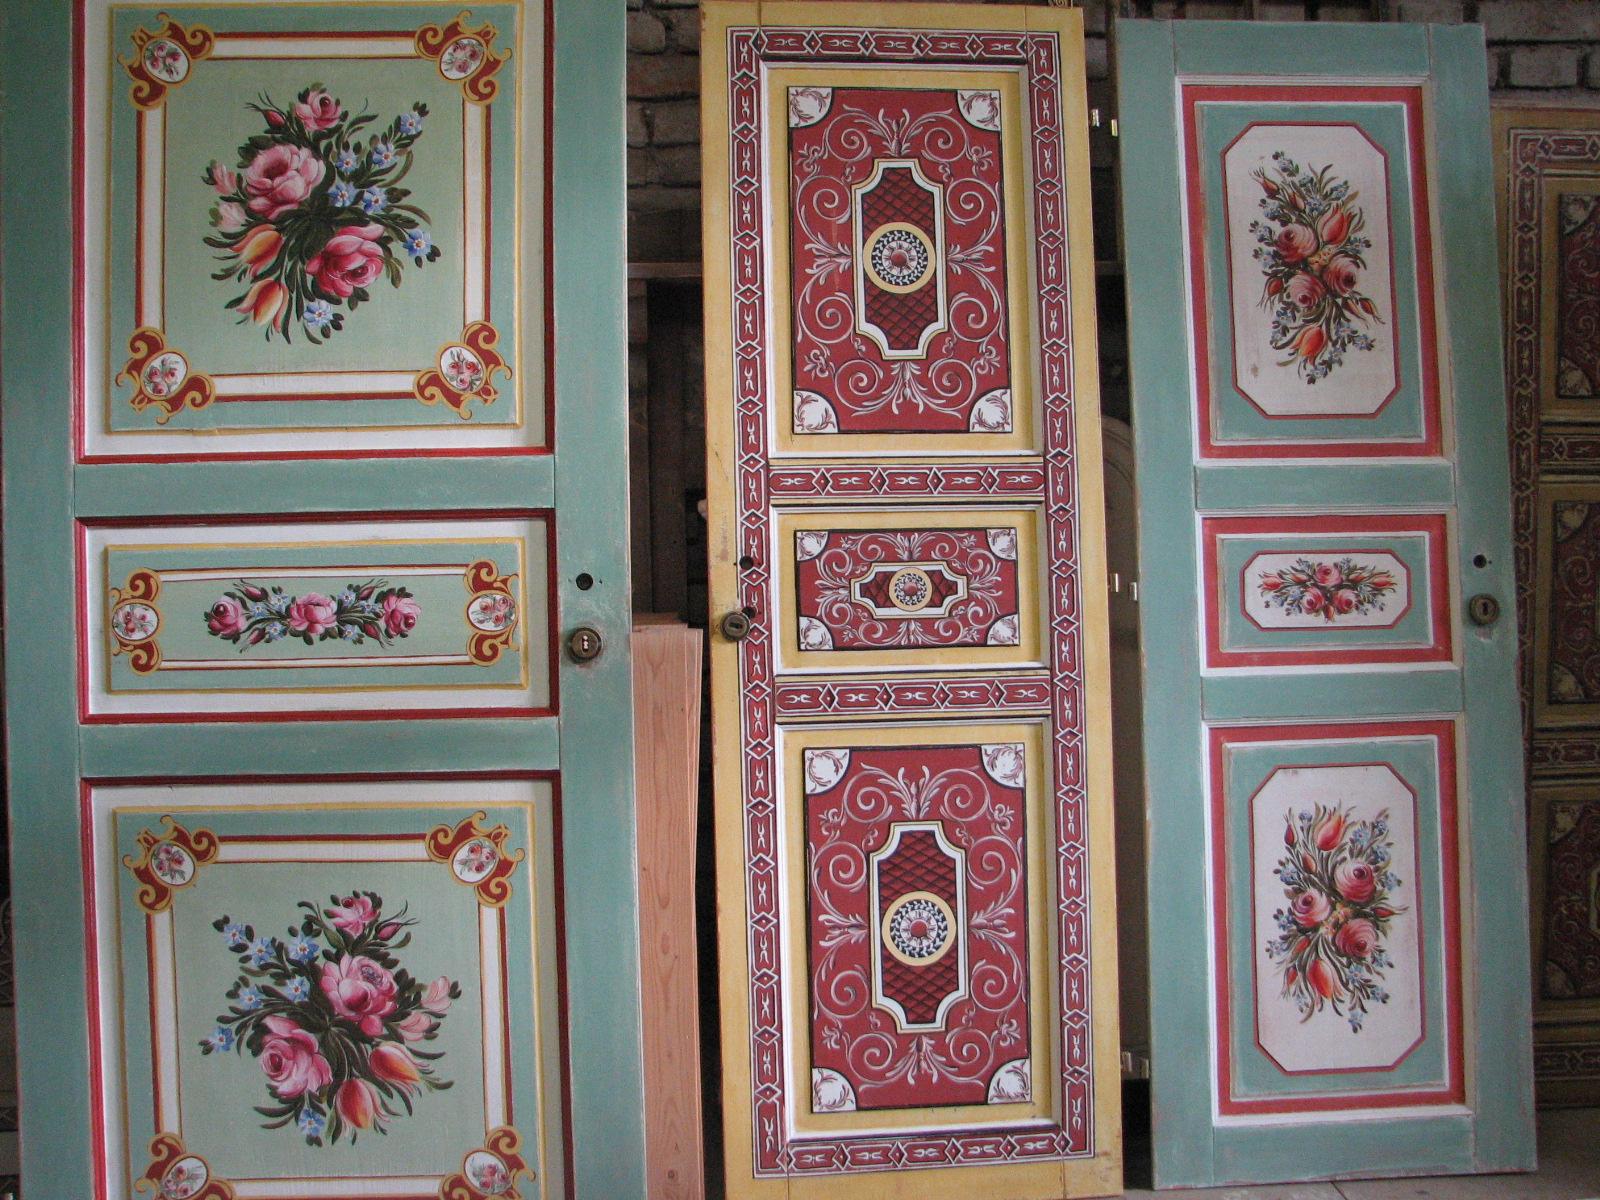 Selské dveře na chalupu s ruční oboustrannou malbou květin a ornamentů 3